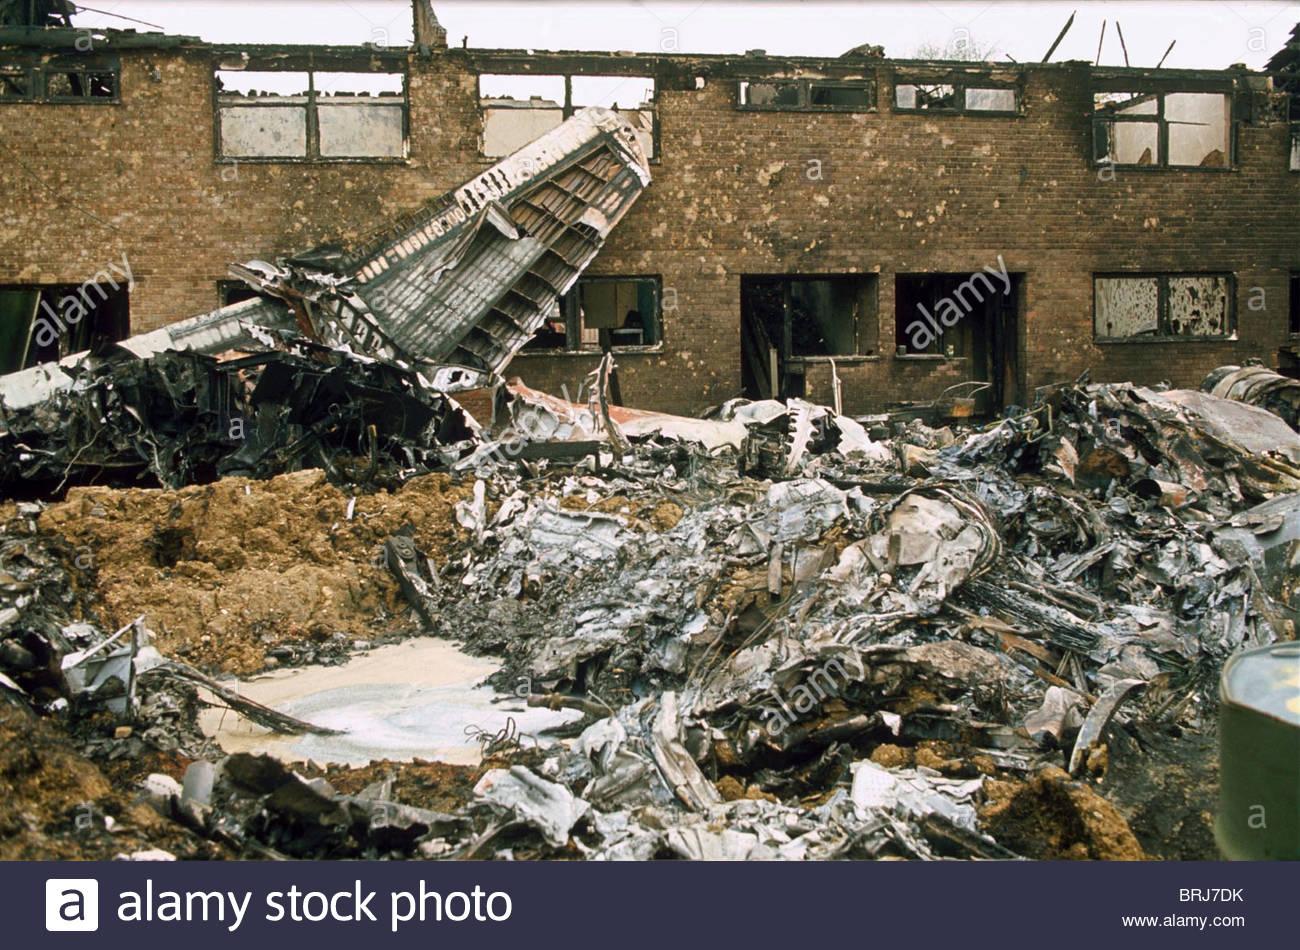 BRITISH MILITARY AIRPLANE CRASH HUNTINGDON BRITAIN 1977 - Stock Image